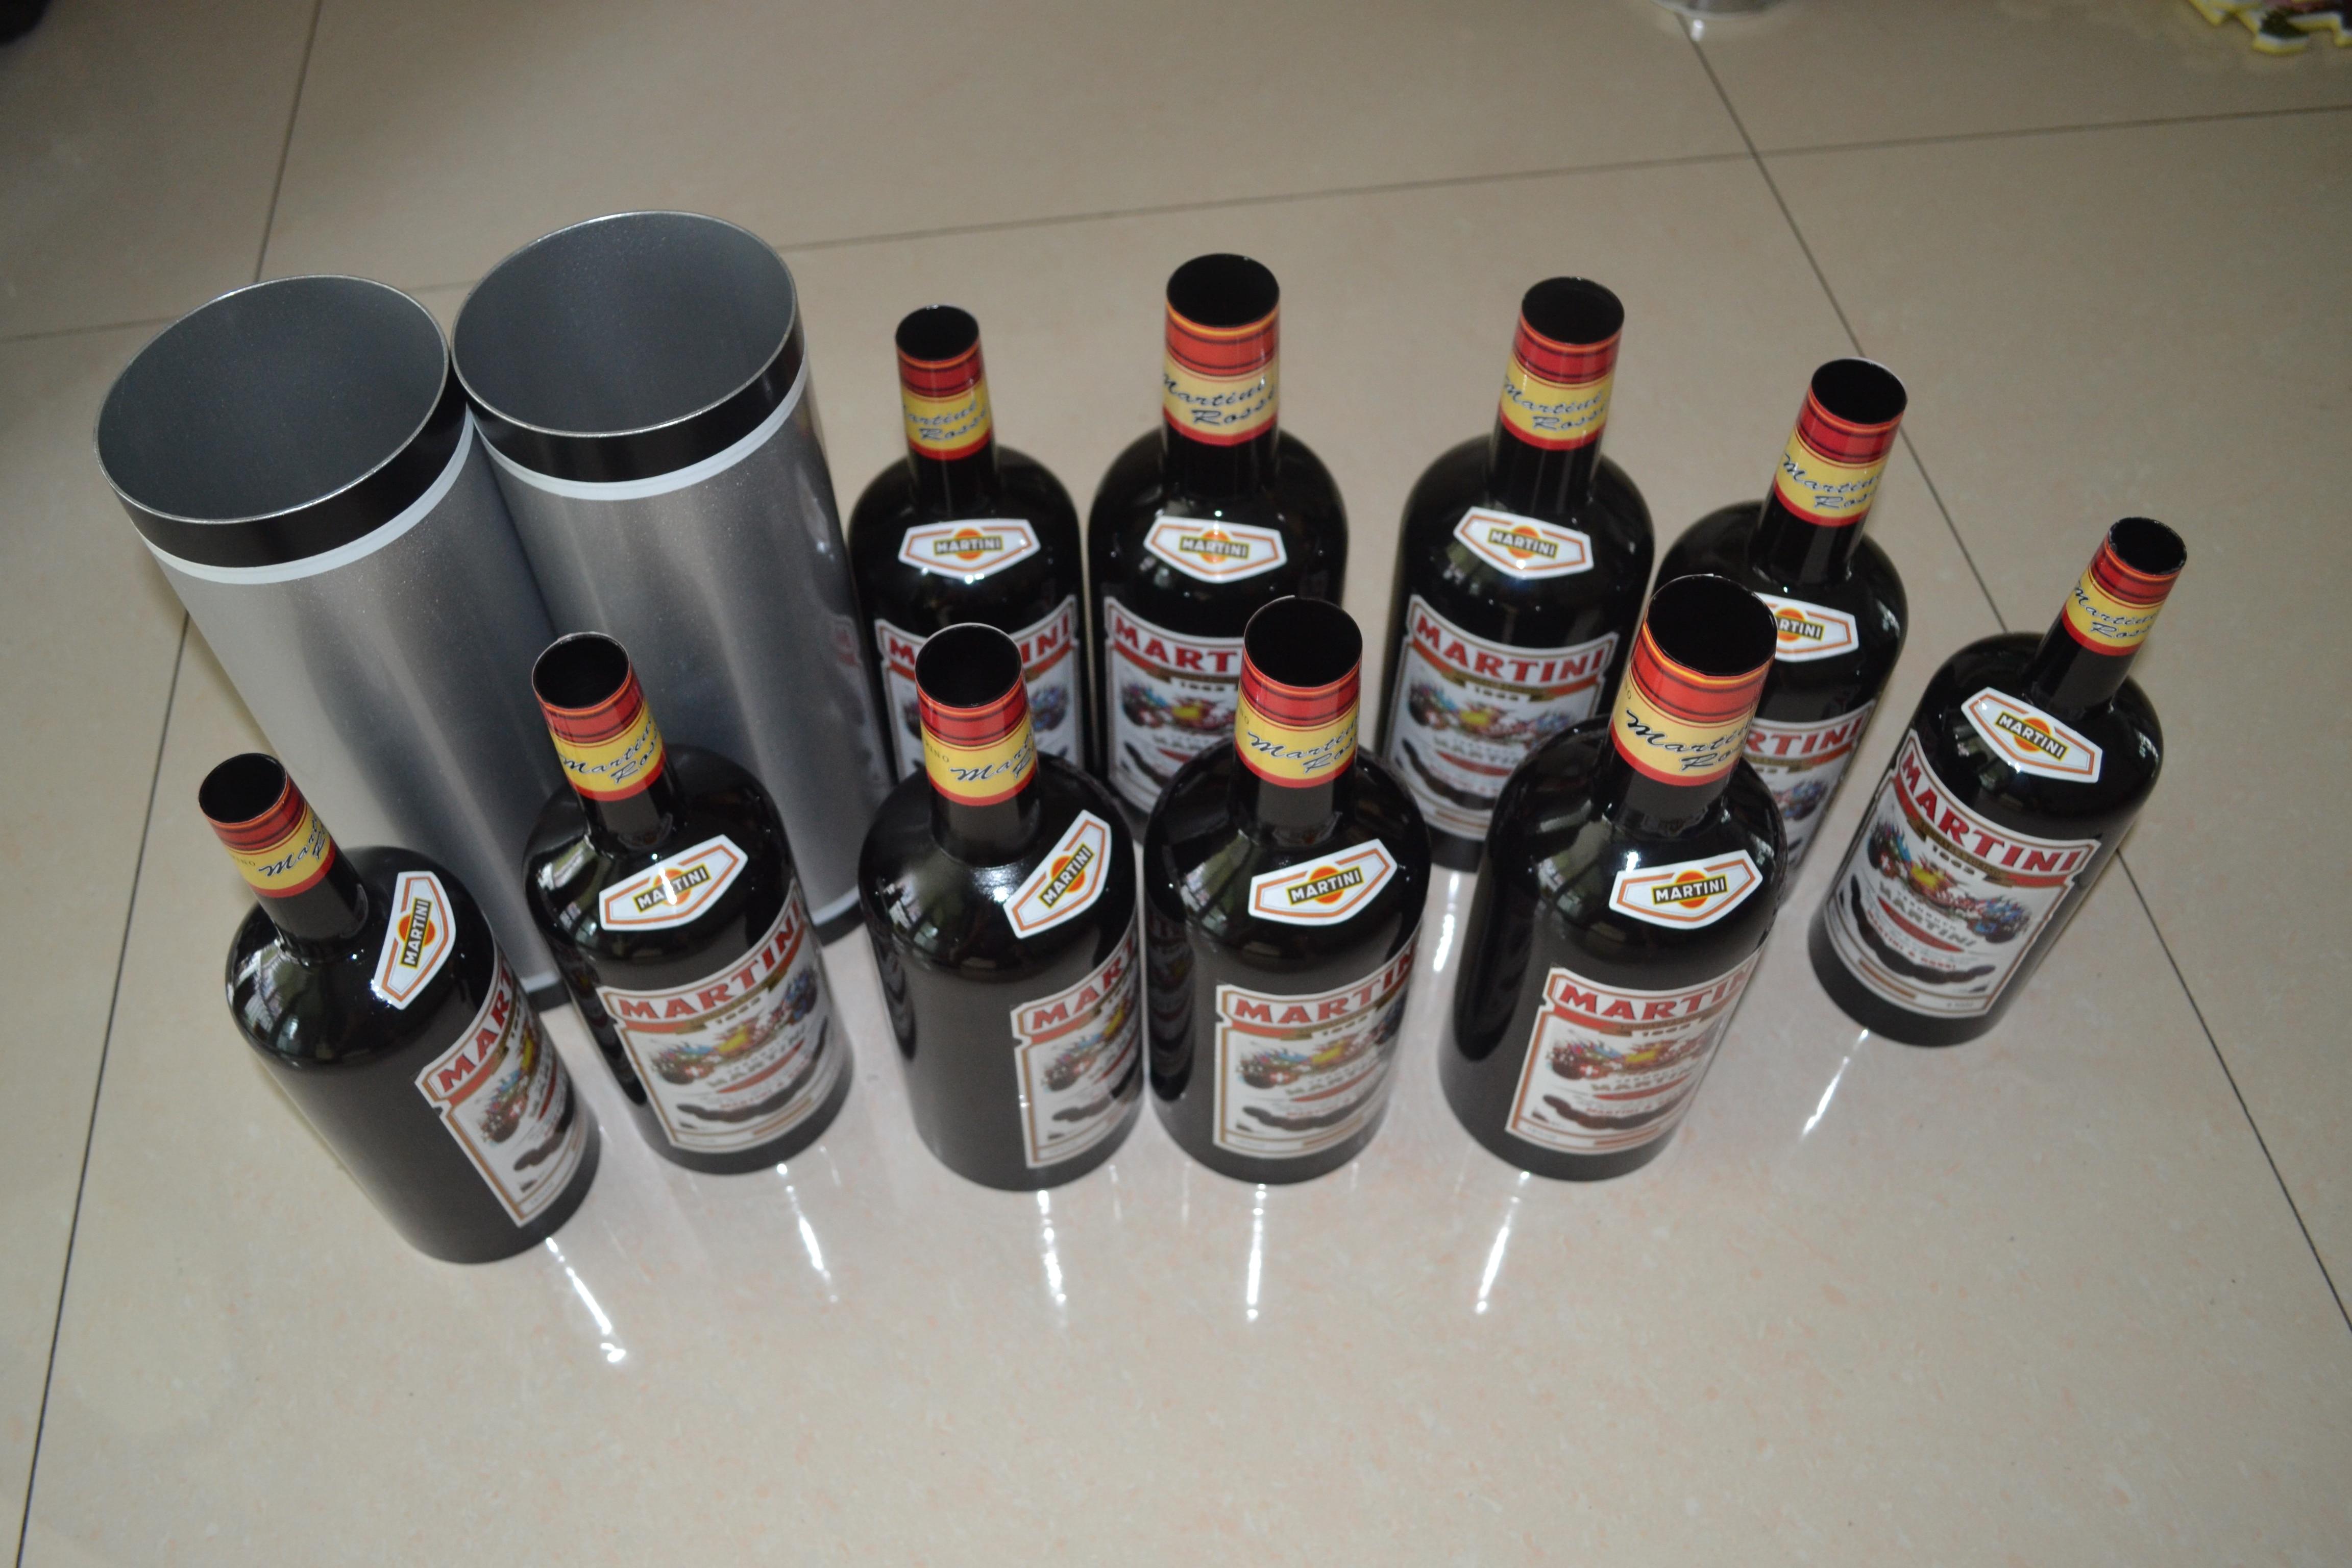 En multipliant Bouteilles/Déplacement Croissant noir Bouteilles (10 bouteilles Purifiée Liquide) tours de magie Scène Gimmick Mentalisme Illusion Magia - 4